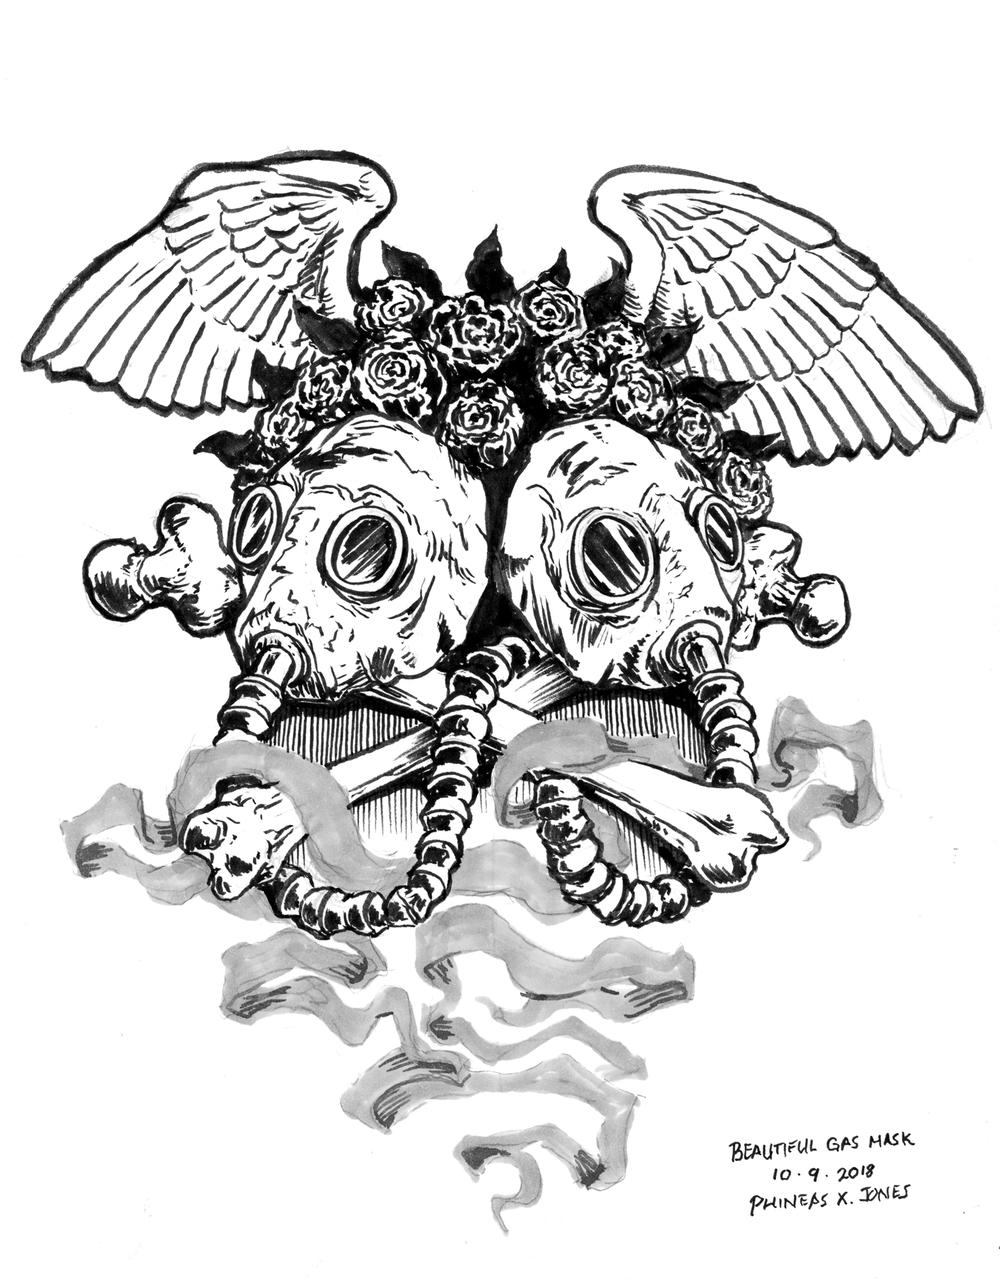 09-Beautiful-Gas-Mask.png